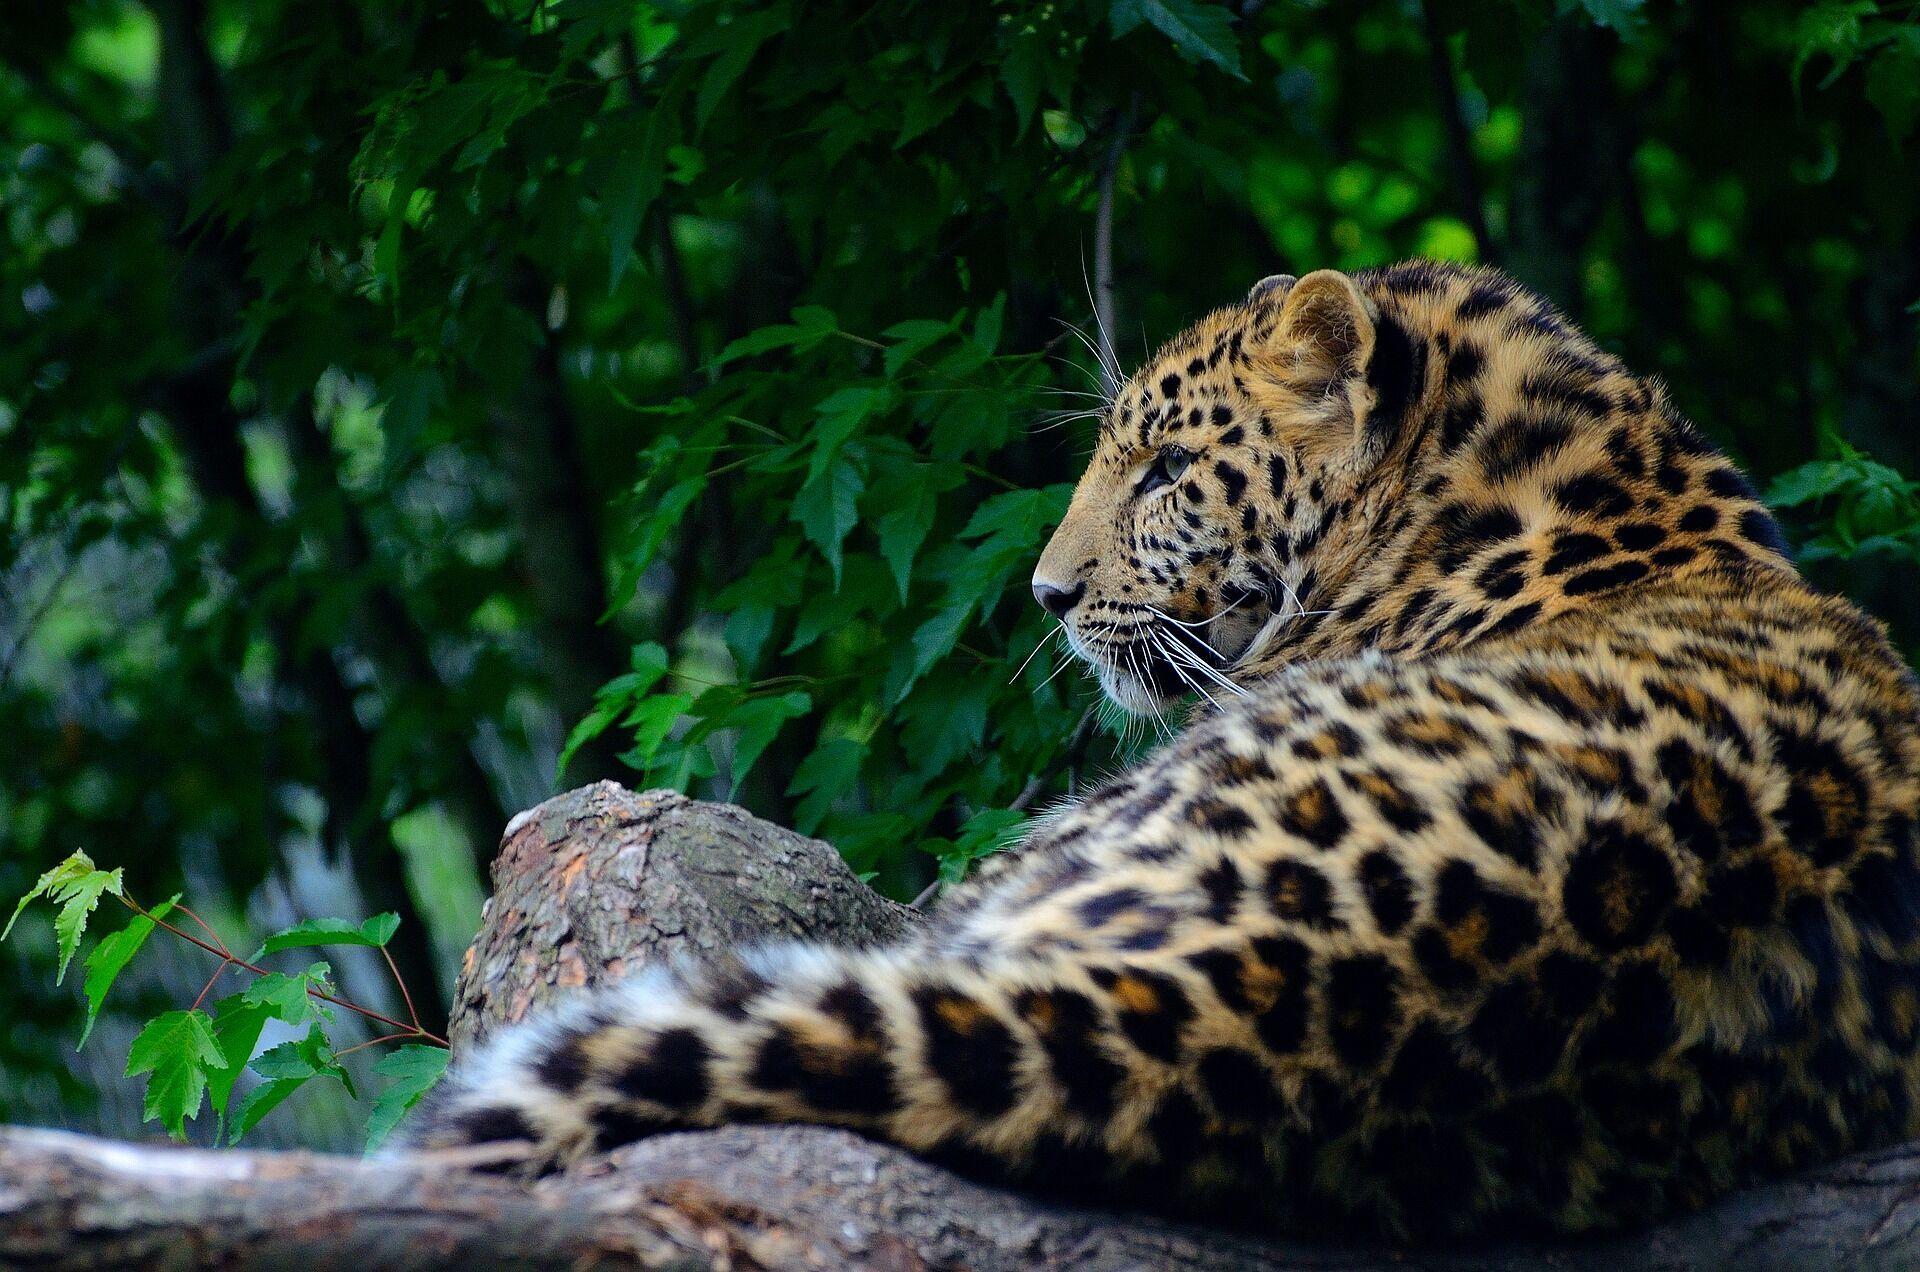 Пятнистый леопард в дикой природе.